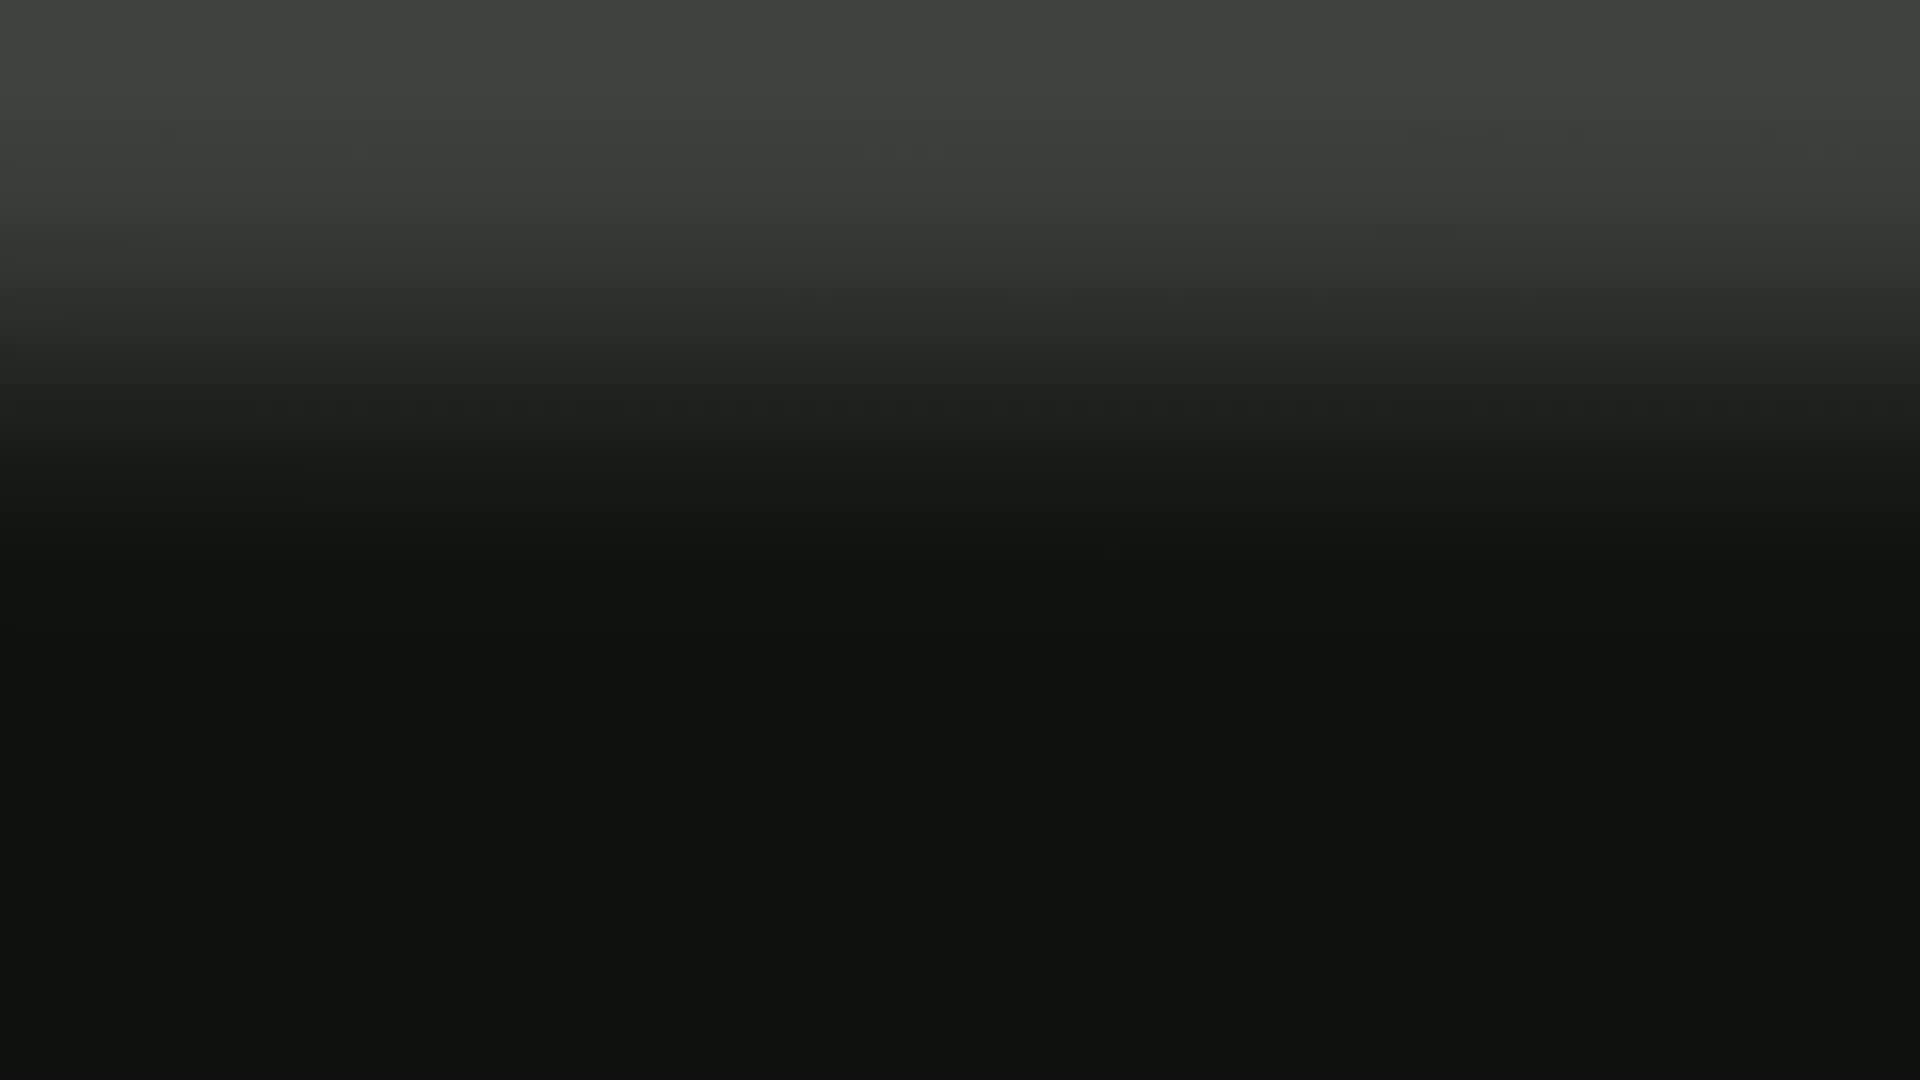 ナンパ即エッチ!~股のユルいコスプレイヤー~ - 舞坂仁美【正常位 バック 騎乗位 背面騎乗位 中だし】